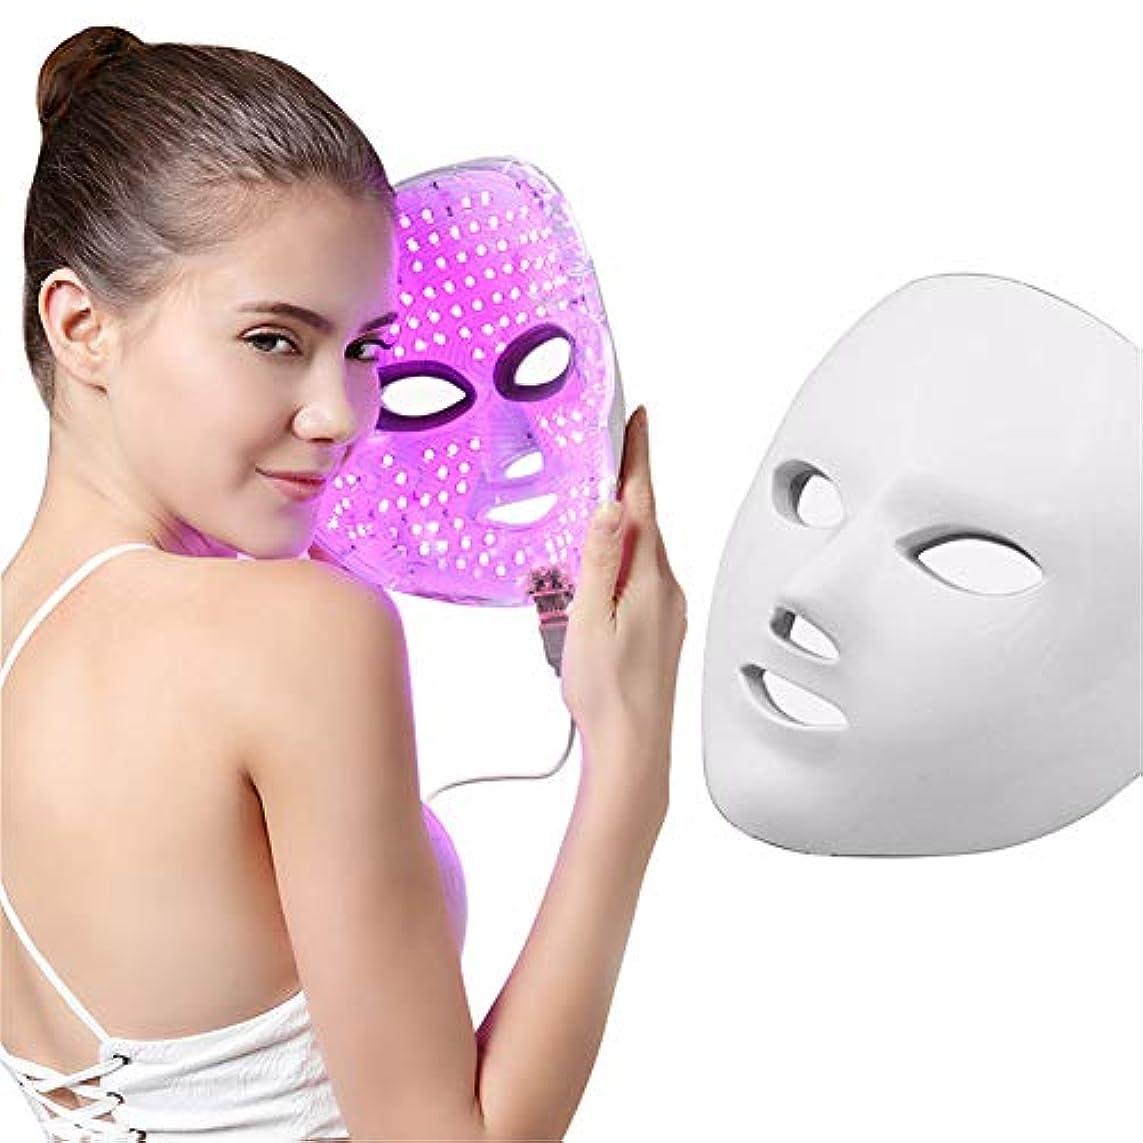 簿記係禁輸リテラシー7色ledマスク若返りにきび除去しわライト美容マスクled光線療法マッサージフェイシャルケア機付きリモコン